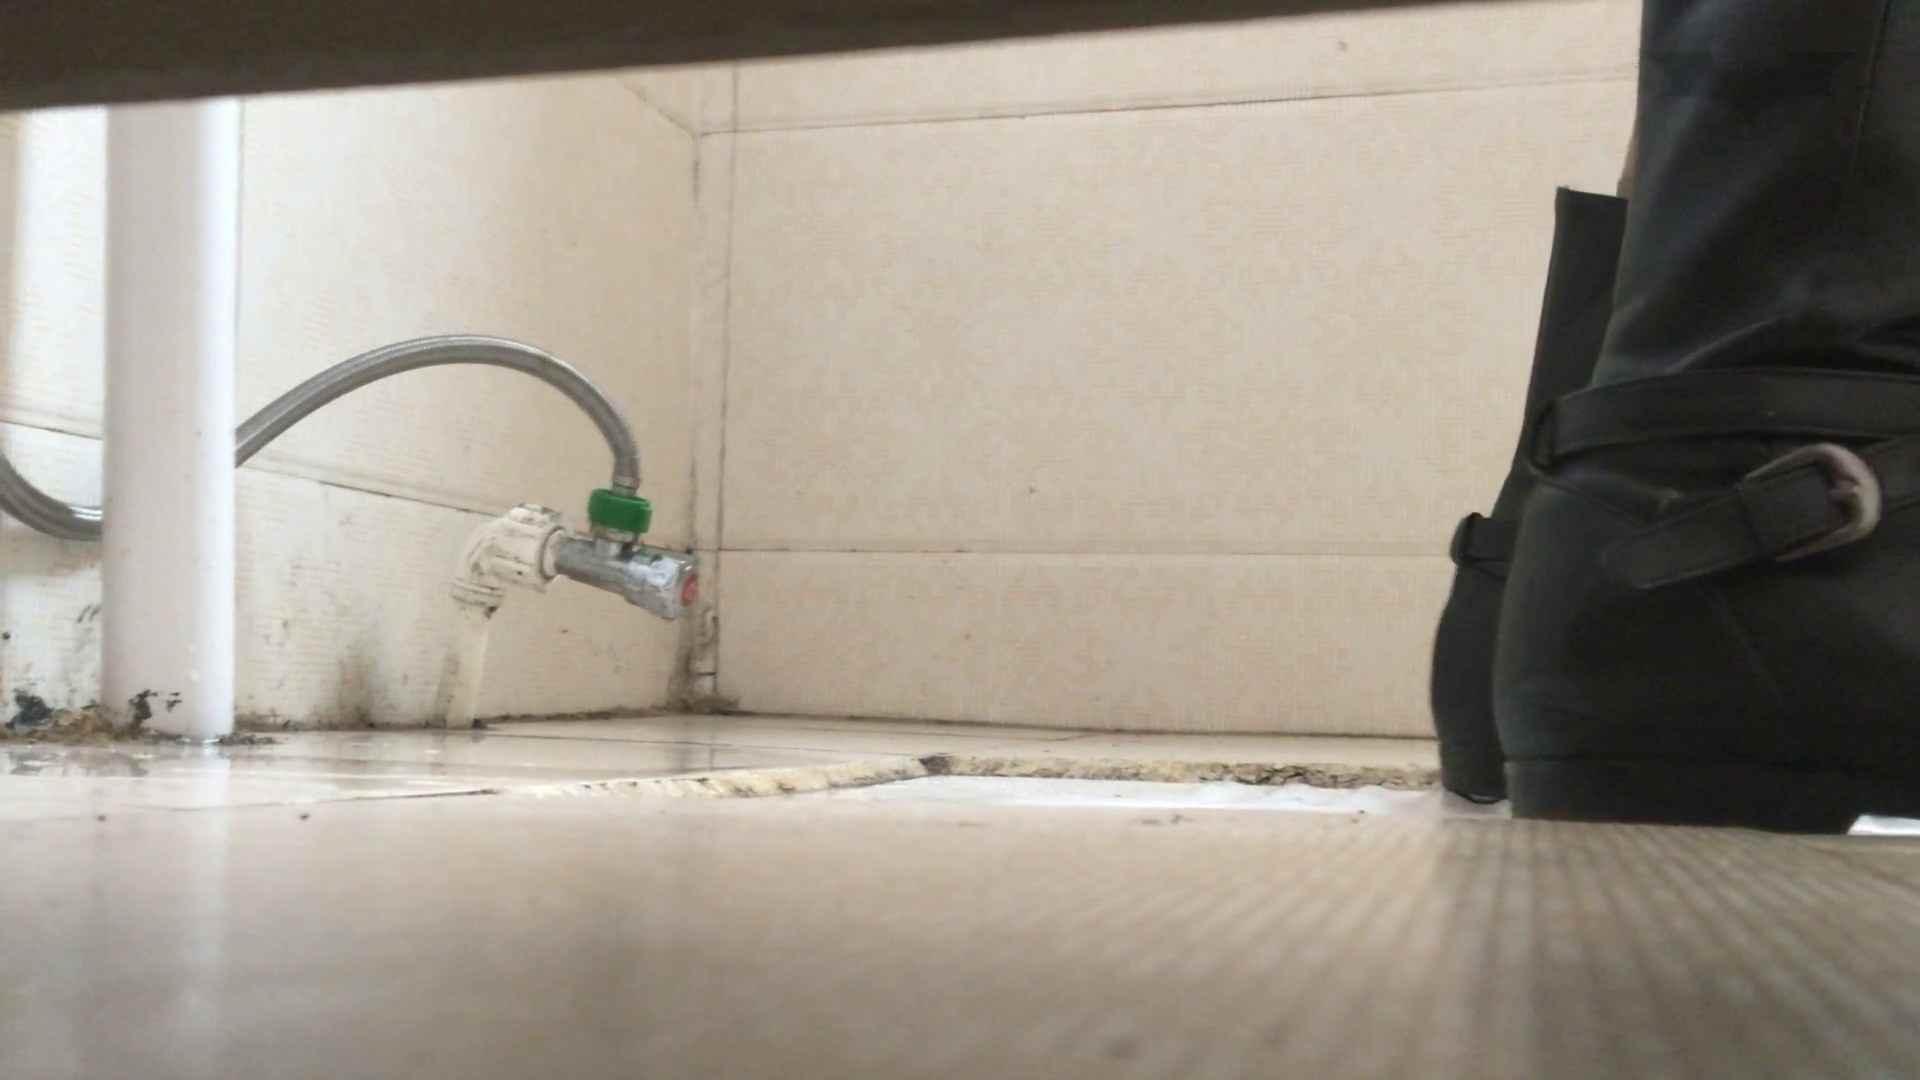 芸術大学ガチ潜入盗撮 JD盗撮 美女の洗面所の秘密 Vol.107 高評価 オマンコ動画キャプチャ 111枚 88